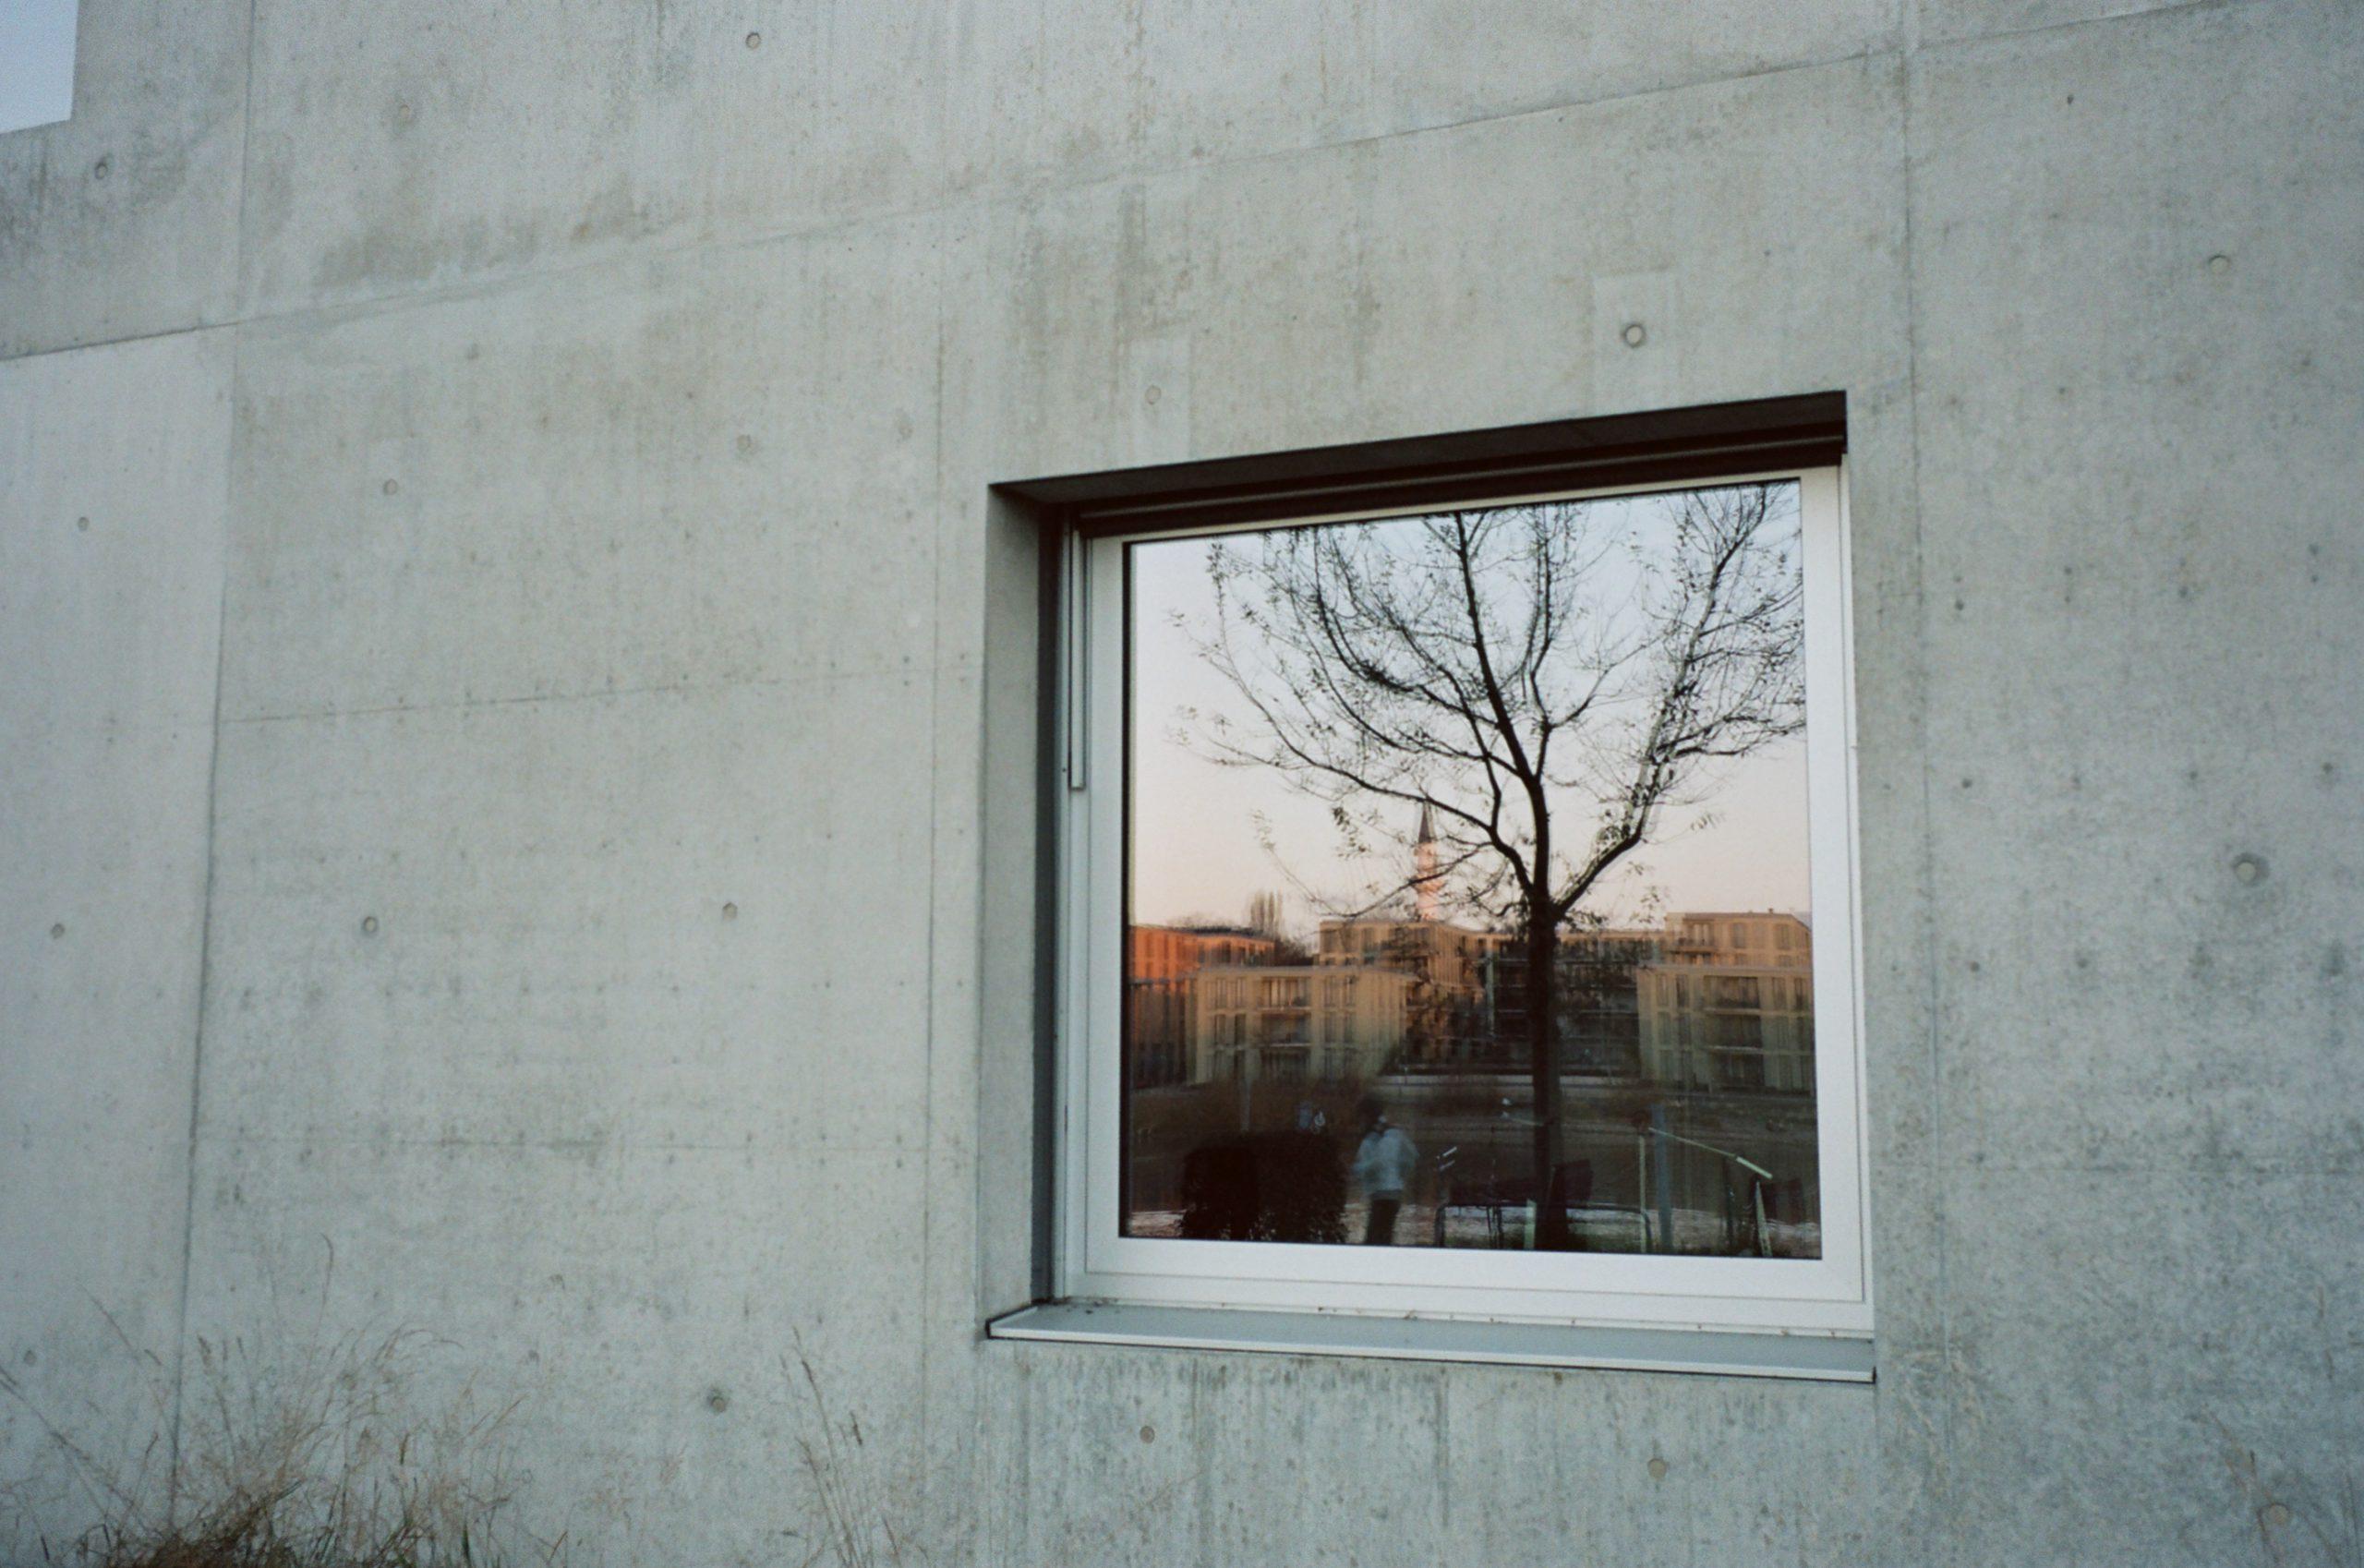 Fenster zur Zukunft: Hochschule Konstanz, Reflexion der Moschee. Zeiss Ikon mit Biogon 35/2.8 ZM. Kodak Portra 160.